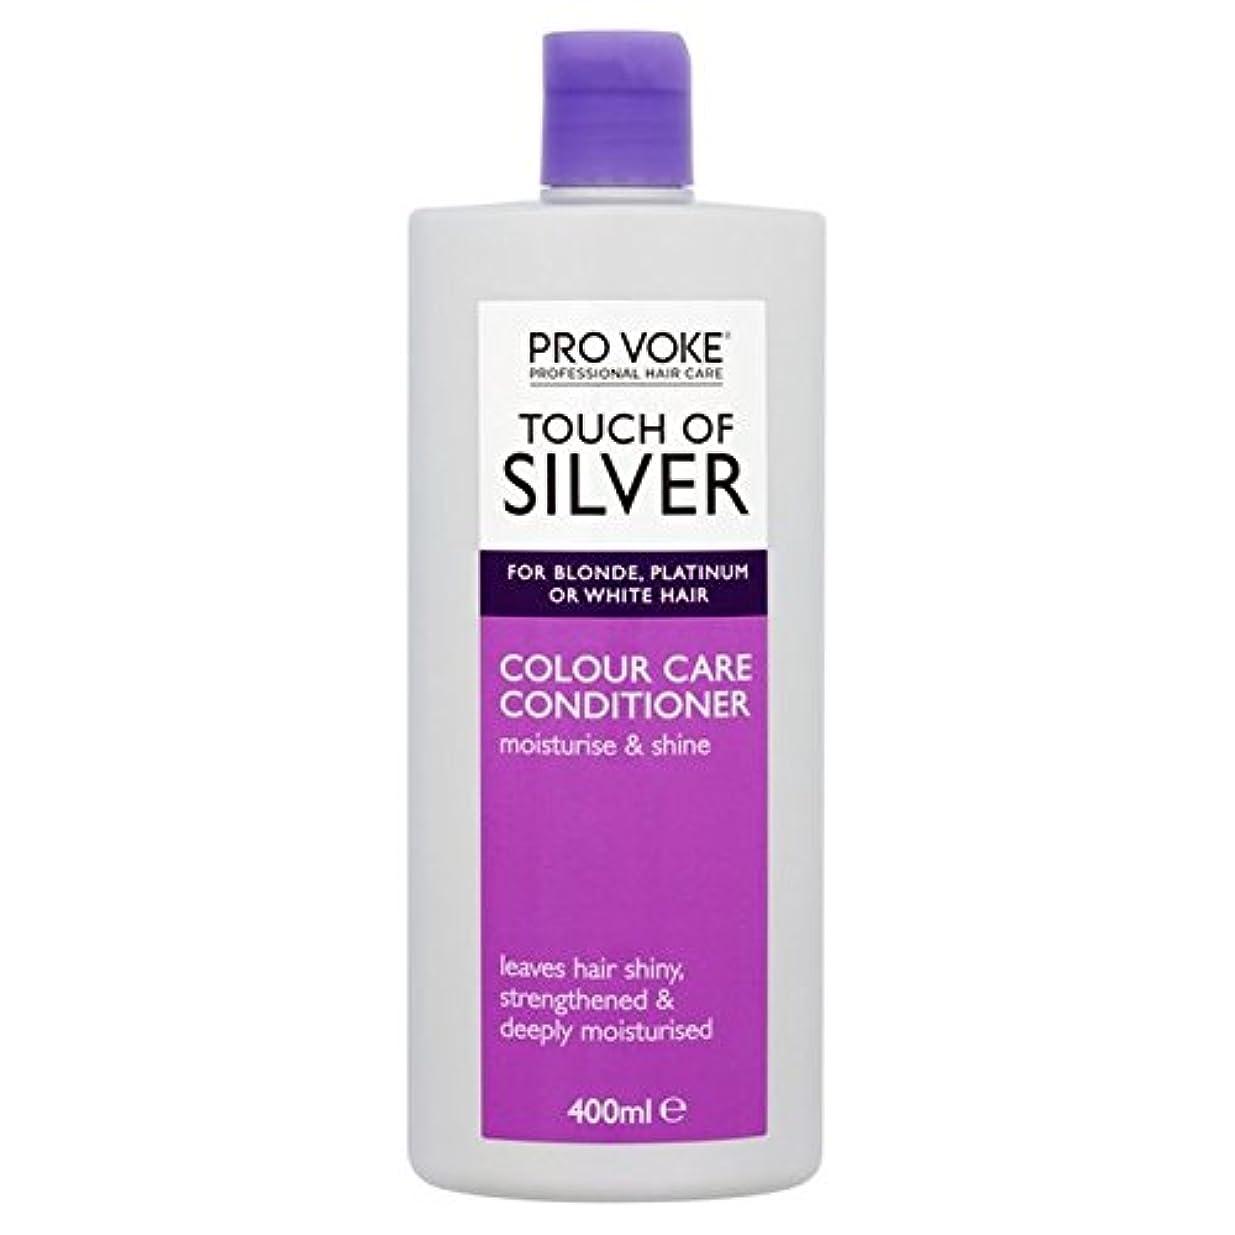 器具却下するレンズTouch of Silver Daily Nourish Conditioner 400ml - 銀毎日ナリッシュコンディショナー400ミリリットルのタッチ [並行輸入品]